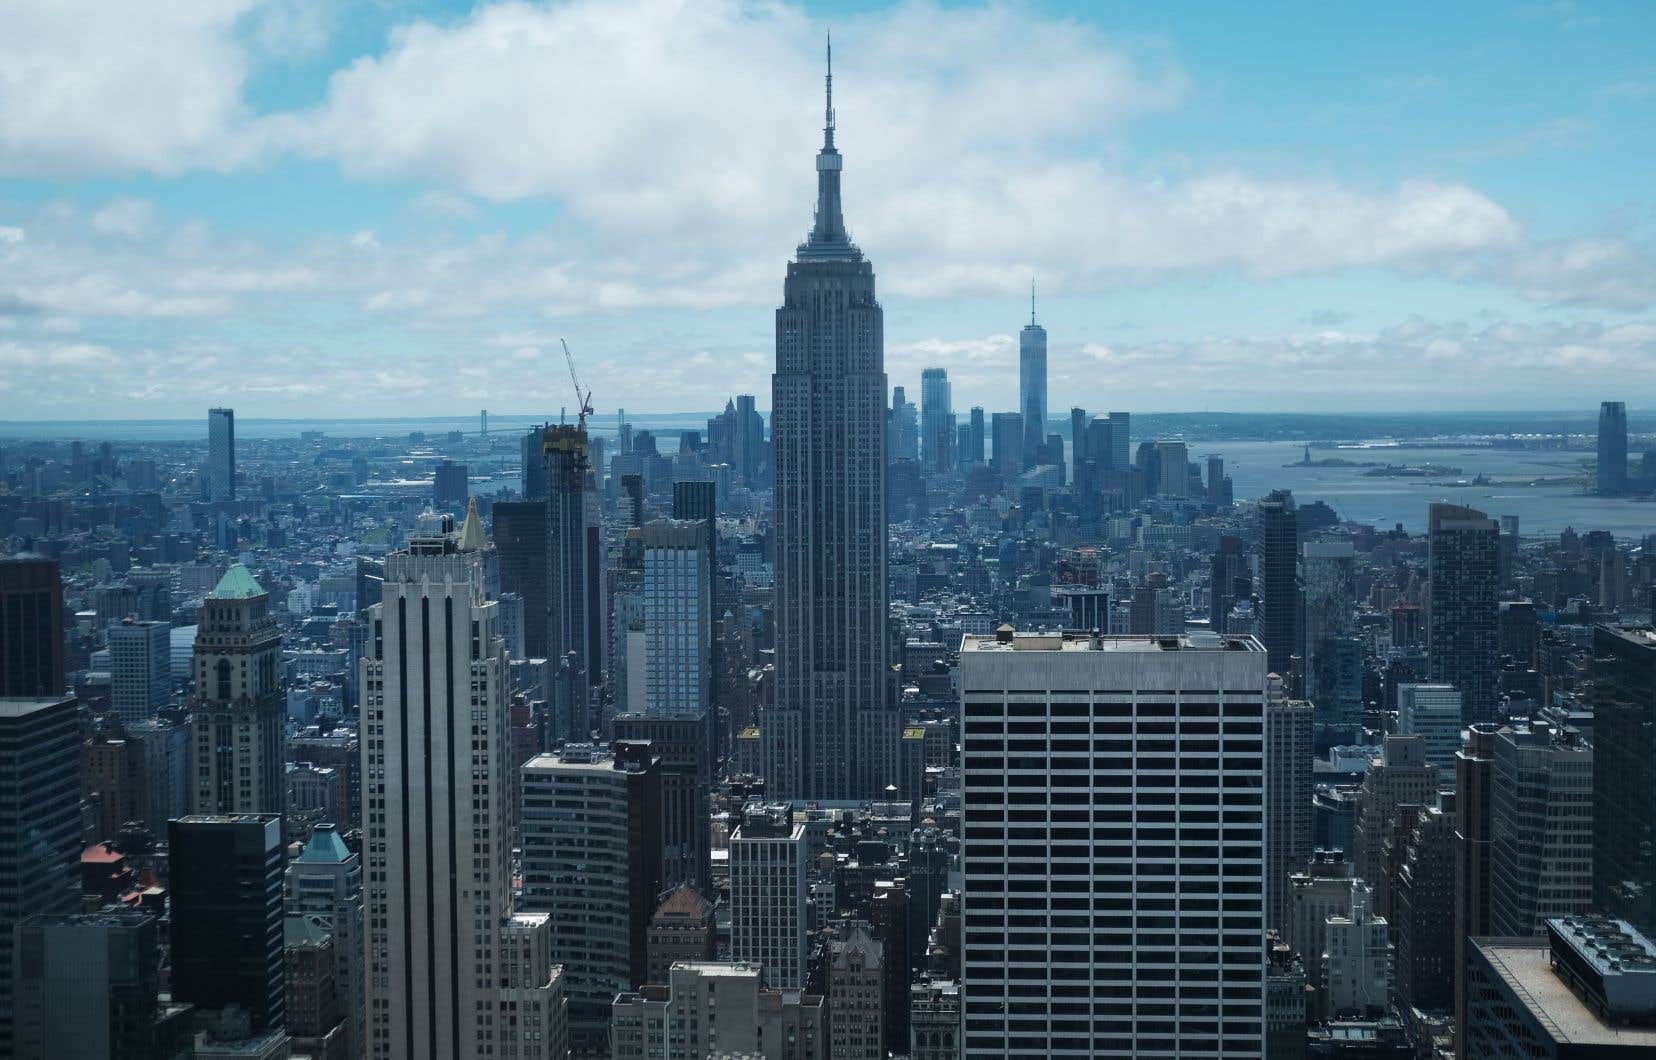 Vendredi, l'État de New York a adopté une loi qui supprime une série de dispositions qui permettaient aux propriétaires de contourner l'encadrement de centaines de milliers de loyers à l'occasion d'un changement de locataire ou de travaux de rénovation.